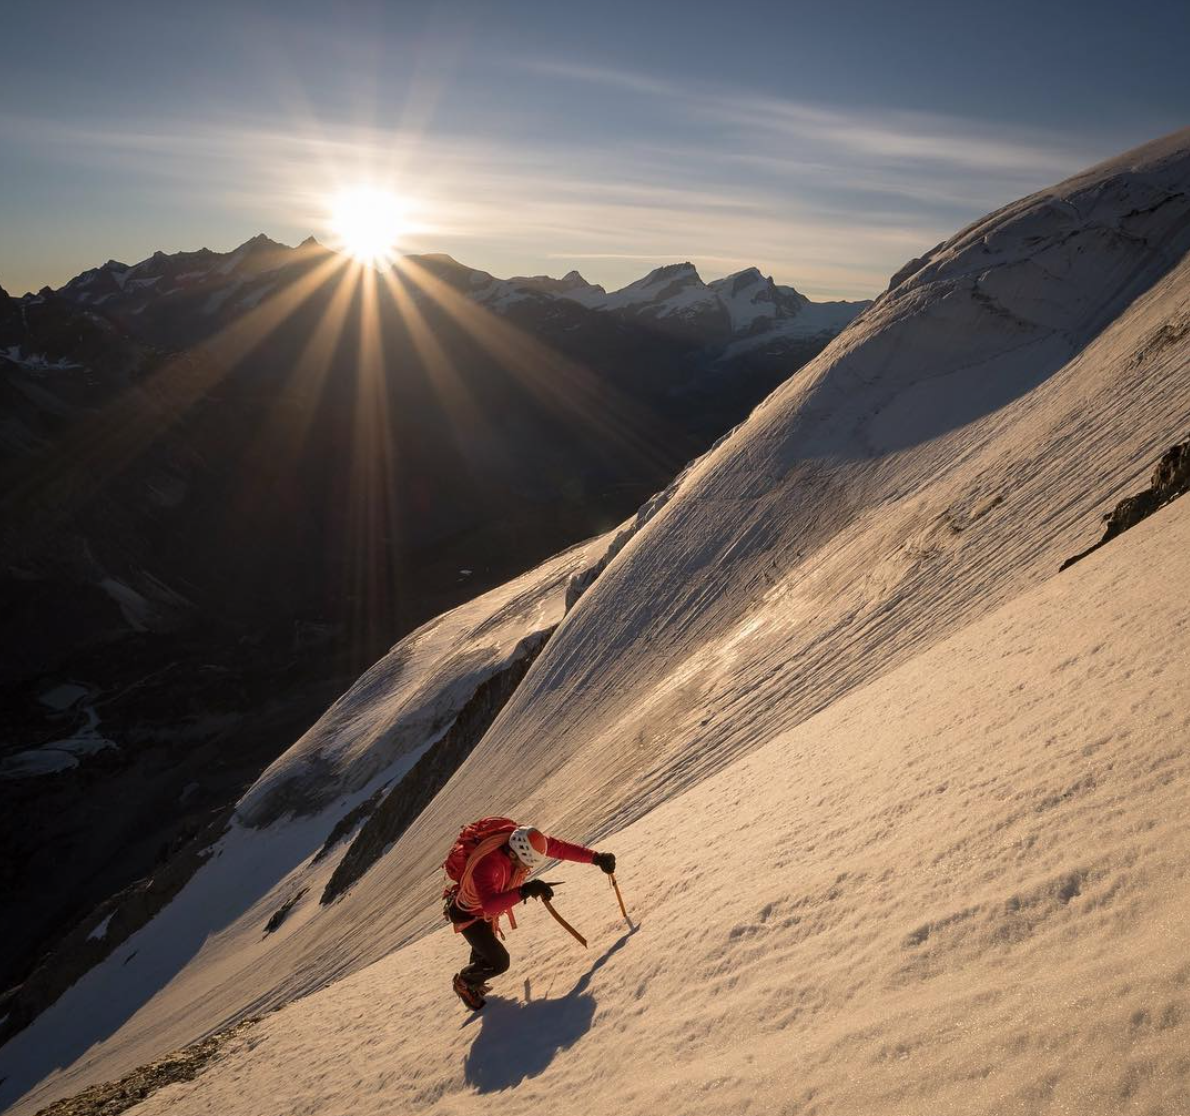 Julien Irilli racing under the North Face towards the the Zmutt Ridge of the Matterhorn.